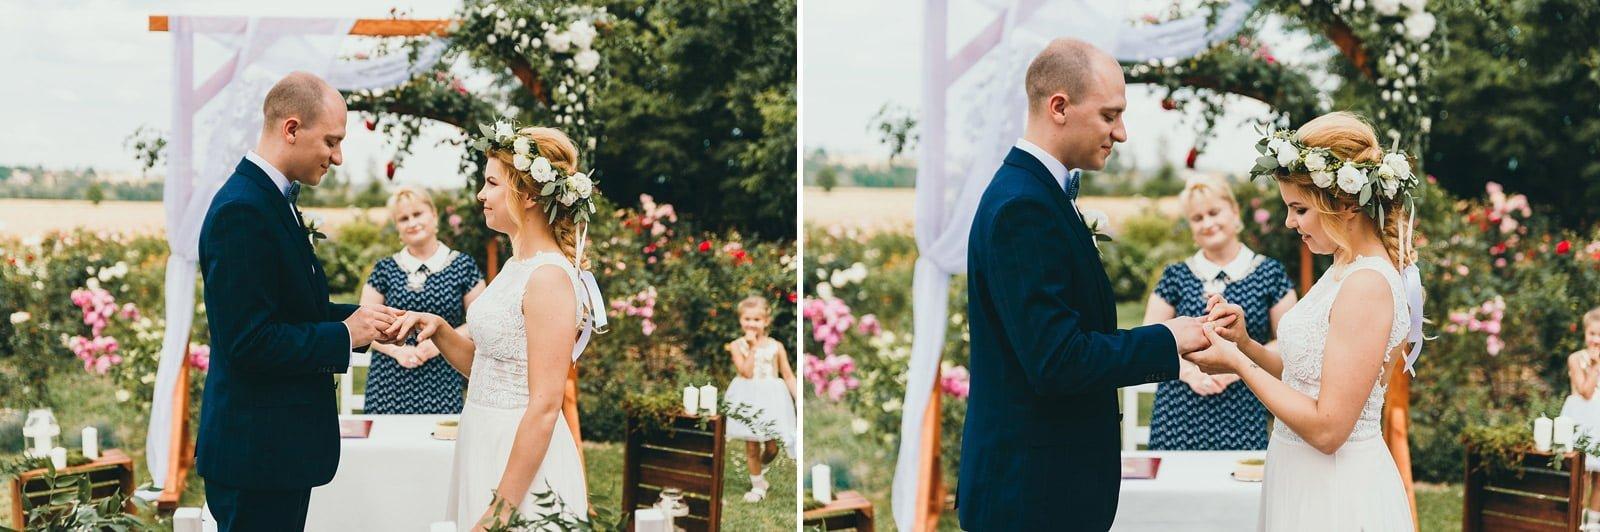 Justyna i Szymon - plenerowy ślub w stylu boho 48